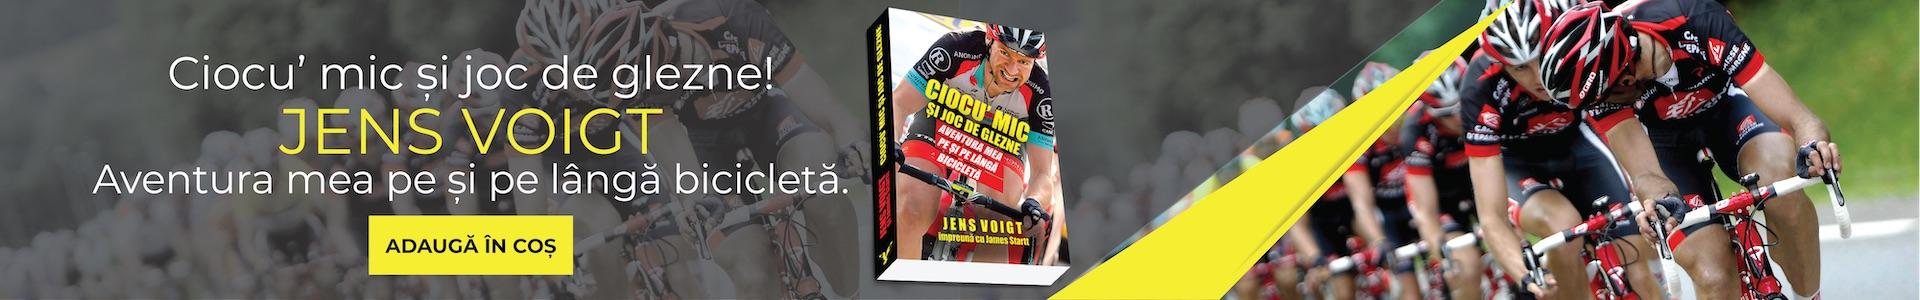 Colectia iBike | Dedicata ciclismului si fanilor sai